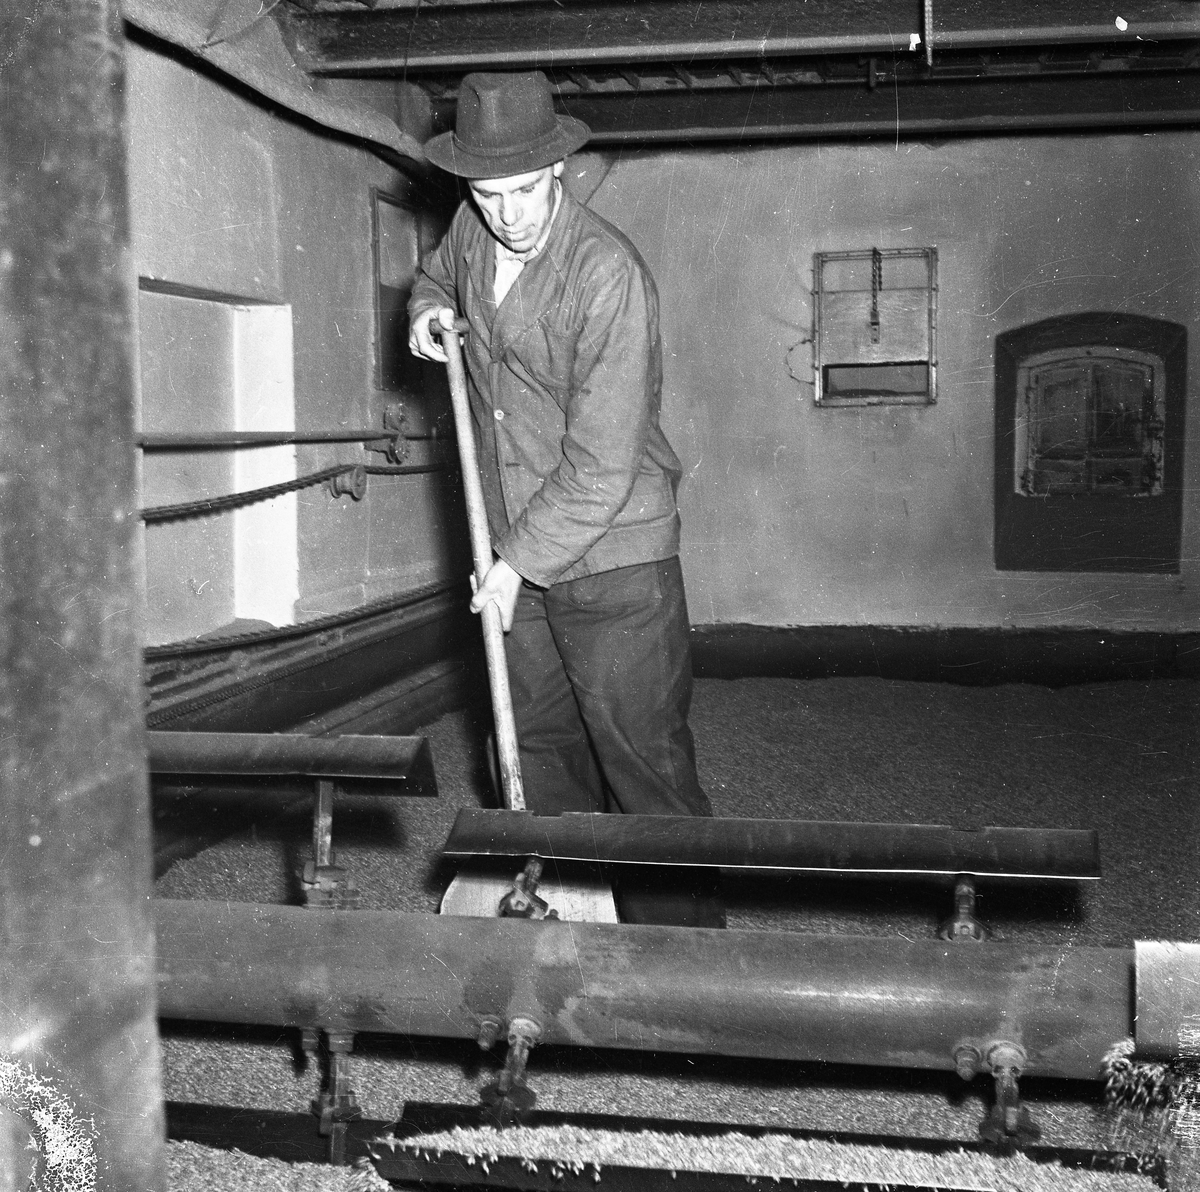 Arboga Kvarn och Maltfabrik, interiör. En man arbetar i maltkällaren. Han har en spade i händerna.  Mältan (korn som legat i blöt i tre dygn) måste vändas två gånger om dagen under de åtta dagar groningsprocessen pågår.   Det som kom att bli Arboga Kvarn och Maltfabrik anlades 1821 av Jonas Örström. Kvarnrörelsen startade 1915. Vetemjöl av märket Guldsnö producerades här.  Kvarnrörelsen upphörde 1967 medan maltproduktionen fortsatte till 1972.  Läs om Arboga Kvarn och Maltfabrik: Hembygdsföreningen Arboga Minnes årsböcker från 1979 och 1999 Reinhold Carlssons bok Arboga objektivt sett